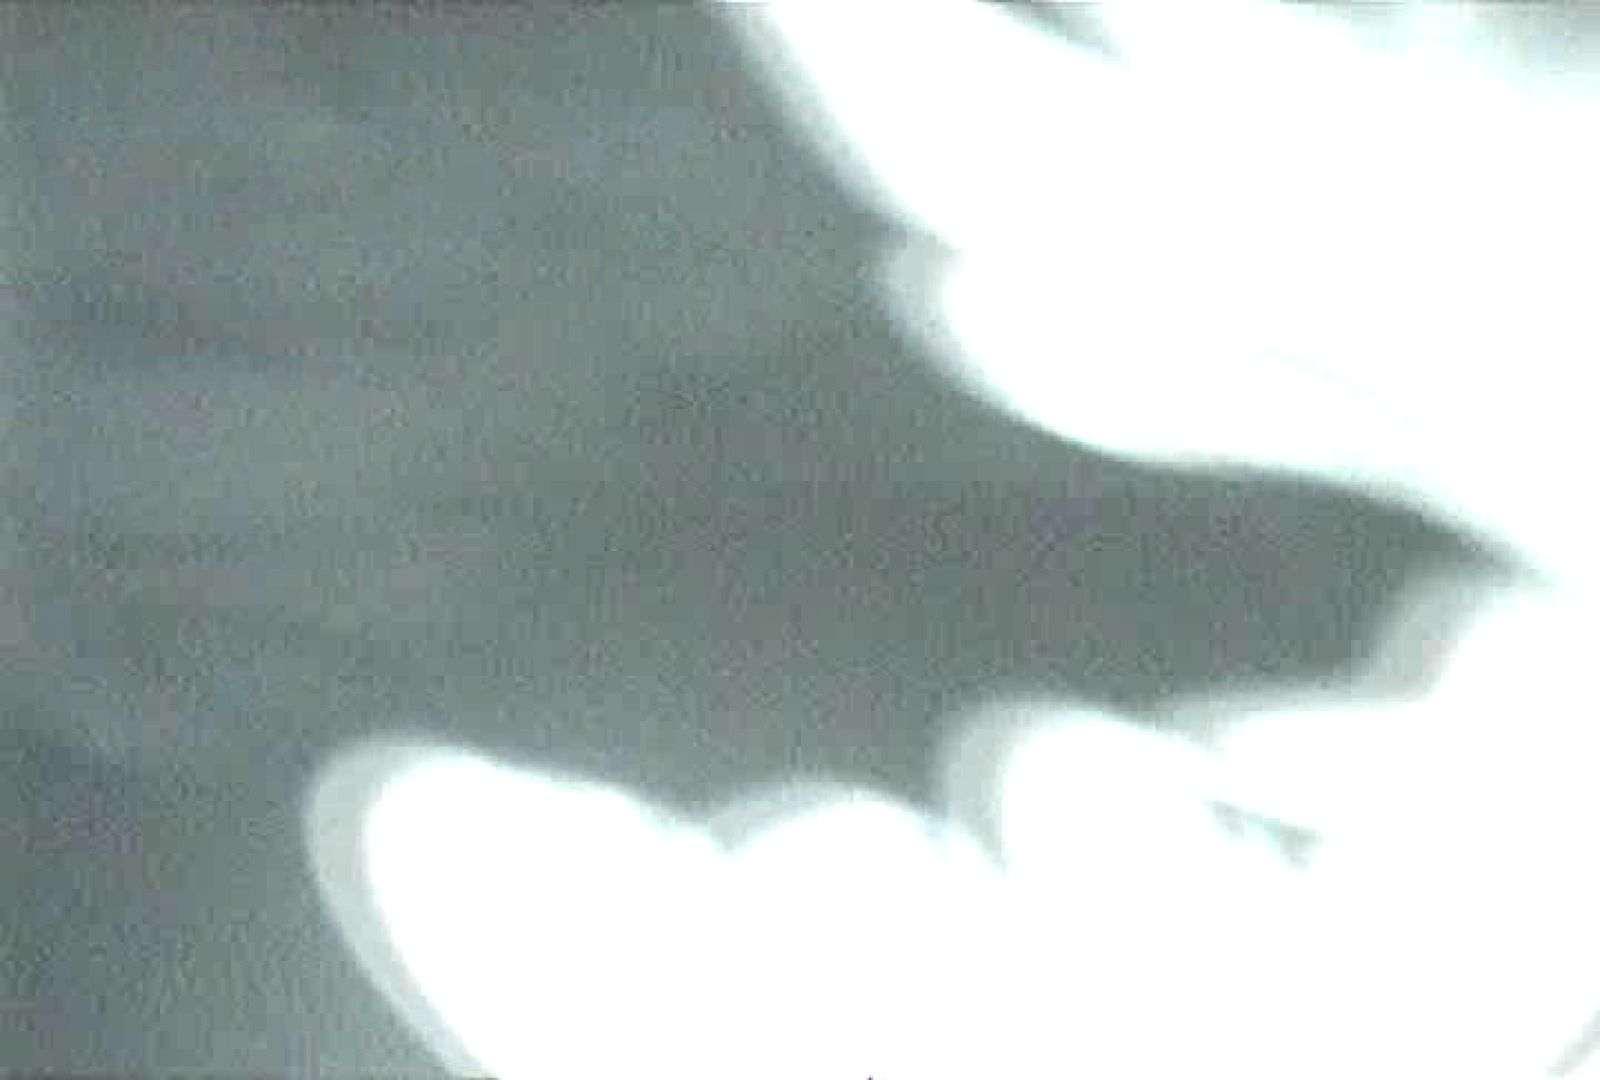 充血監督の深夜の運動会Vol.90 淫乱 AV無料動画キャプチャ 110画像 24